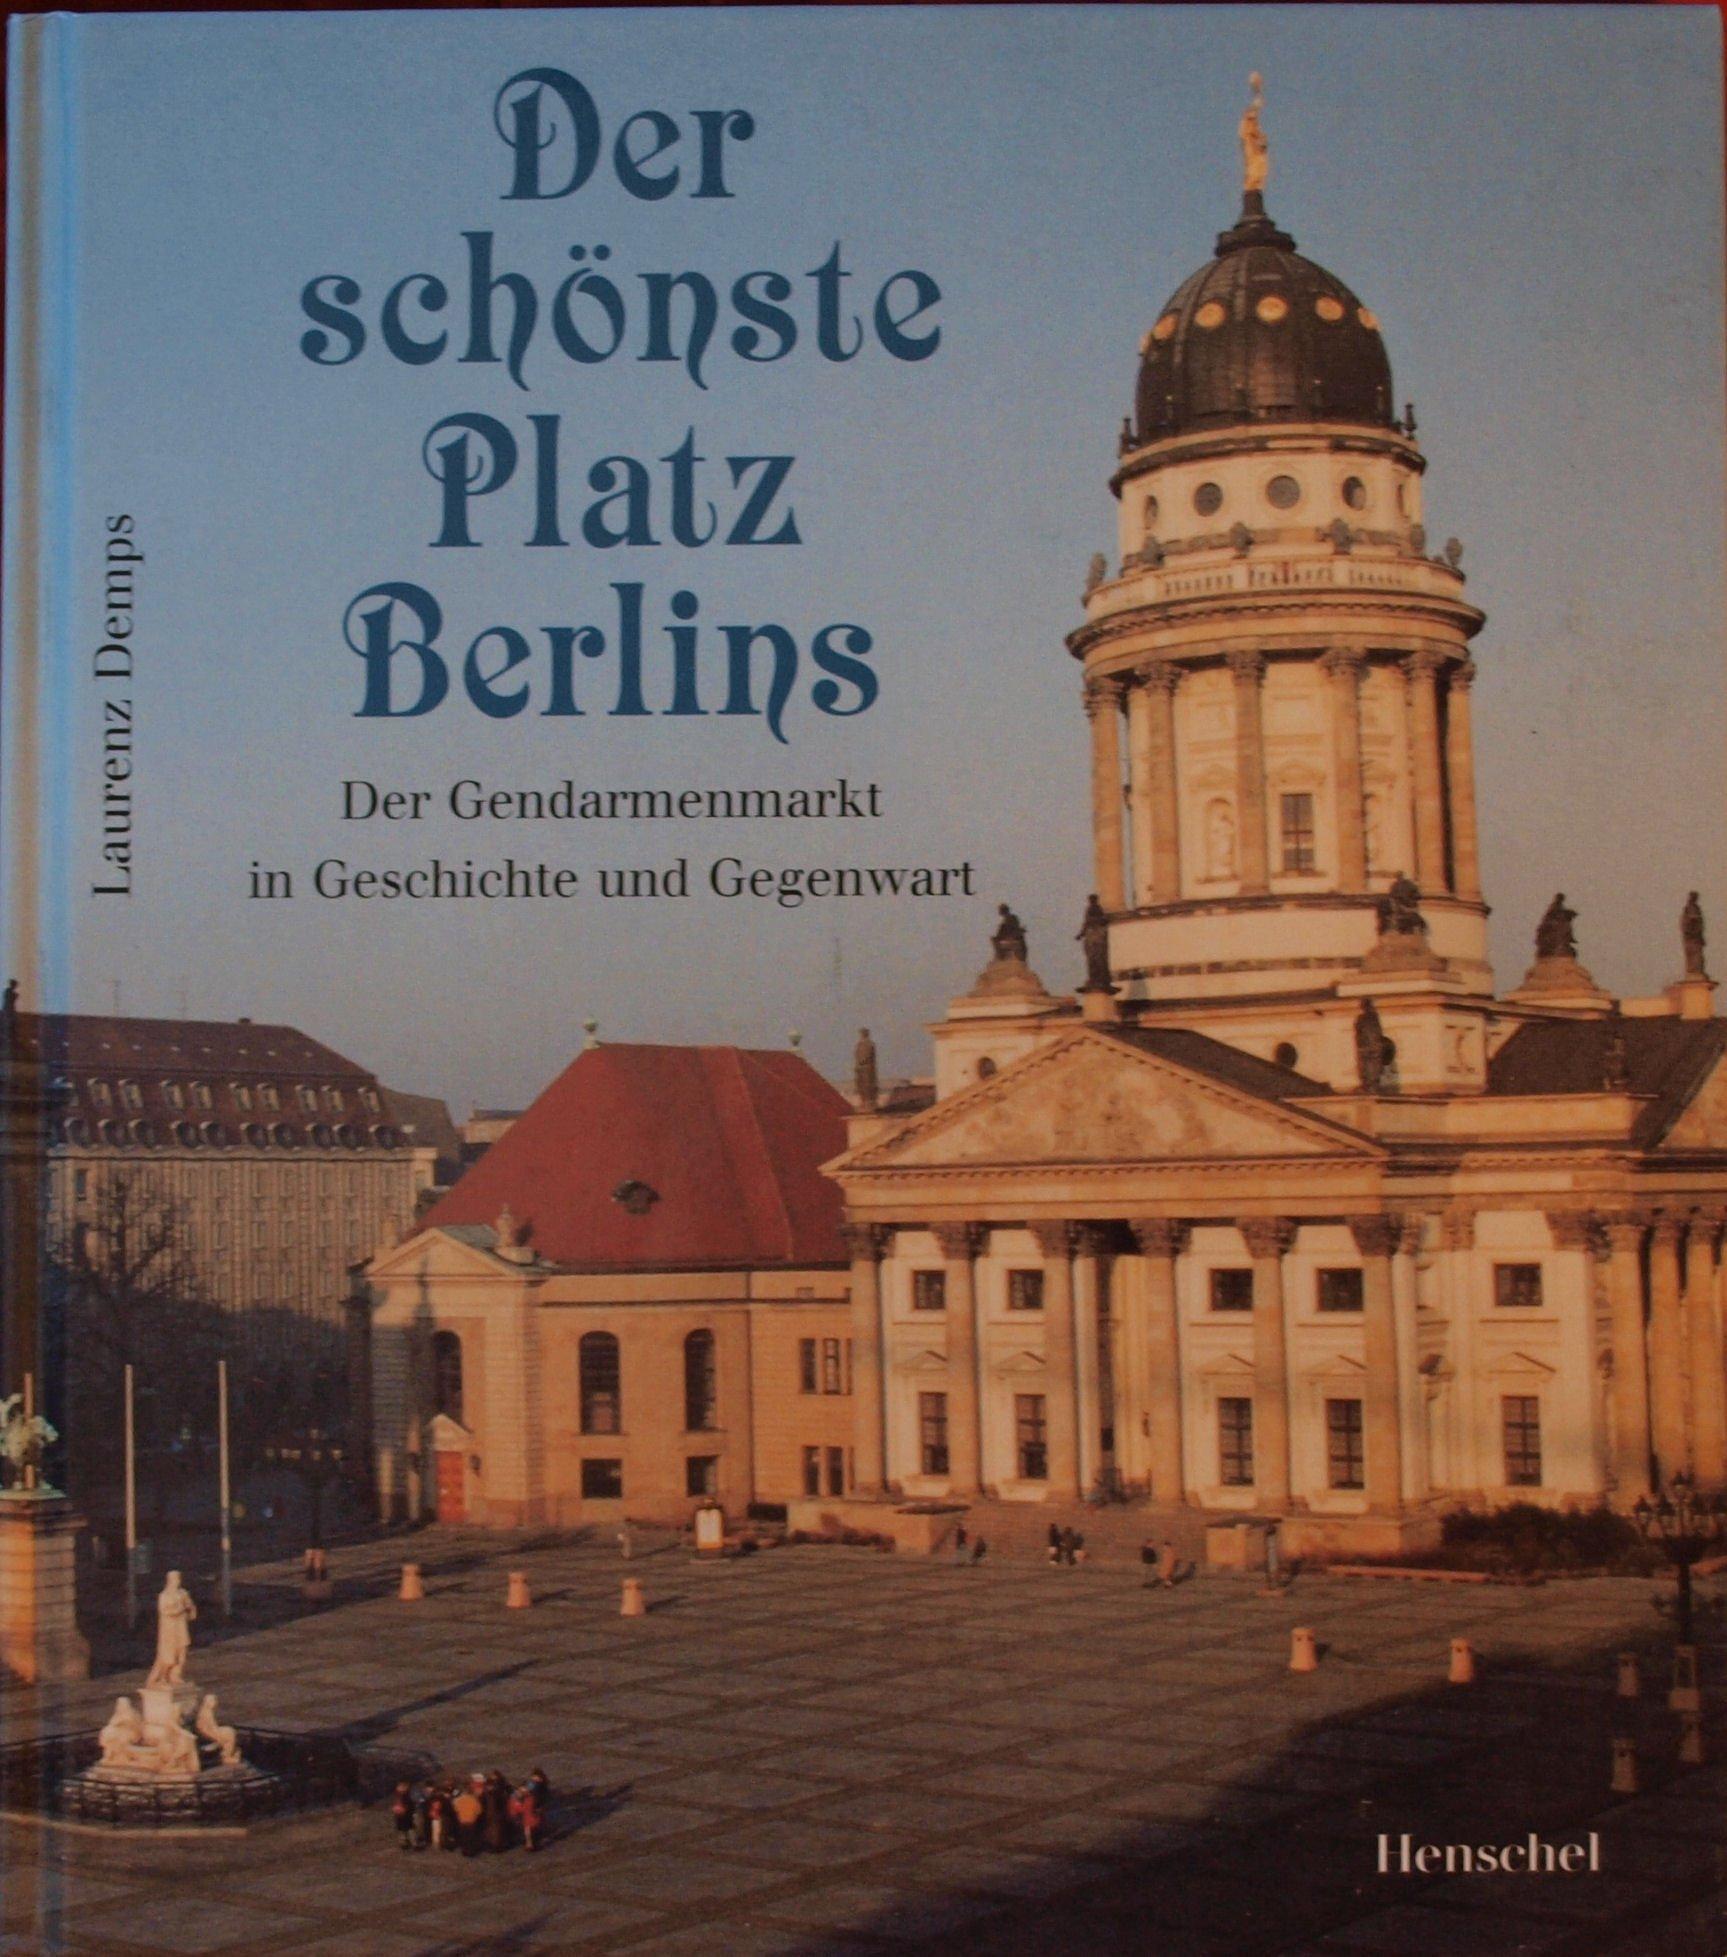 Der schönste Platz Berlins. Der Gendarmenmarkt in Geschichte und Gegenwart